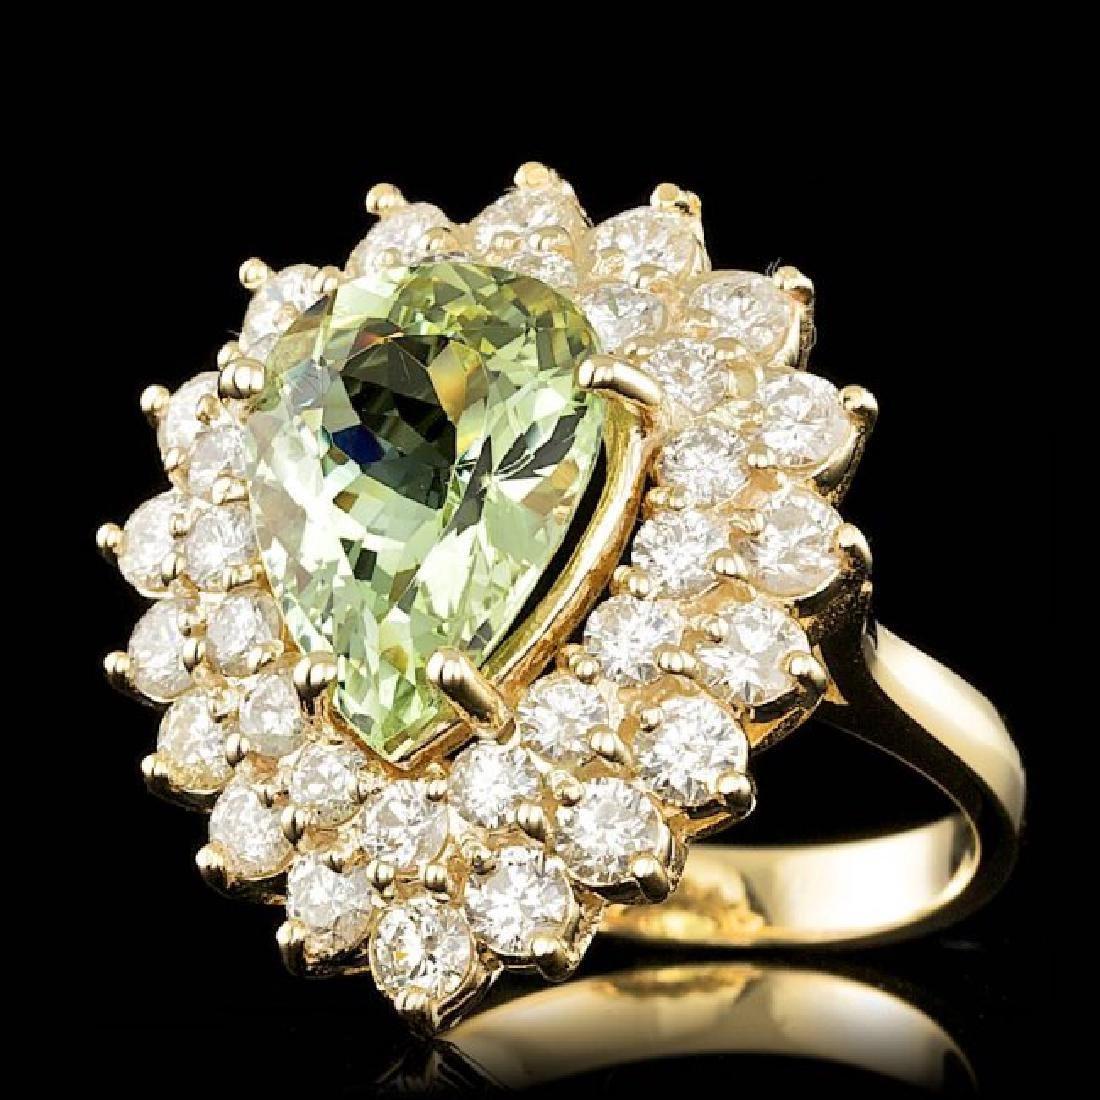 14k Yellow Gold 4.00ct Beryl 2.25ct Diamond Ring - 2